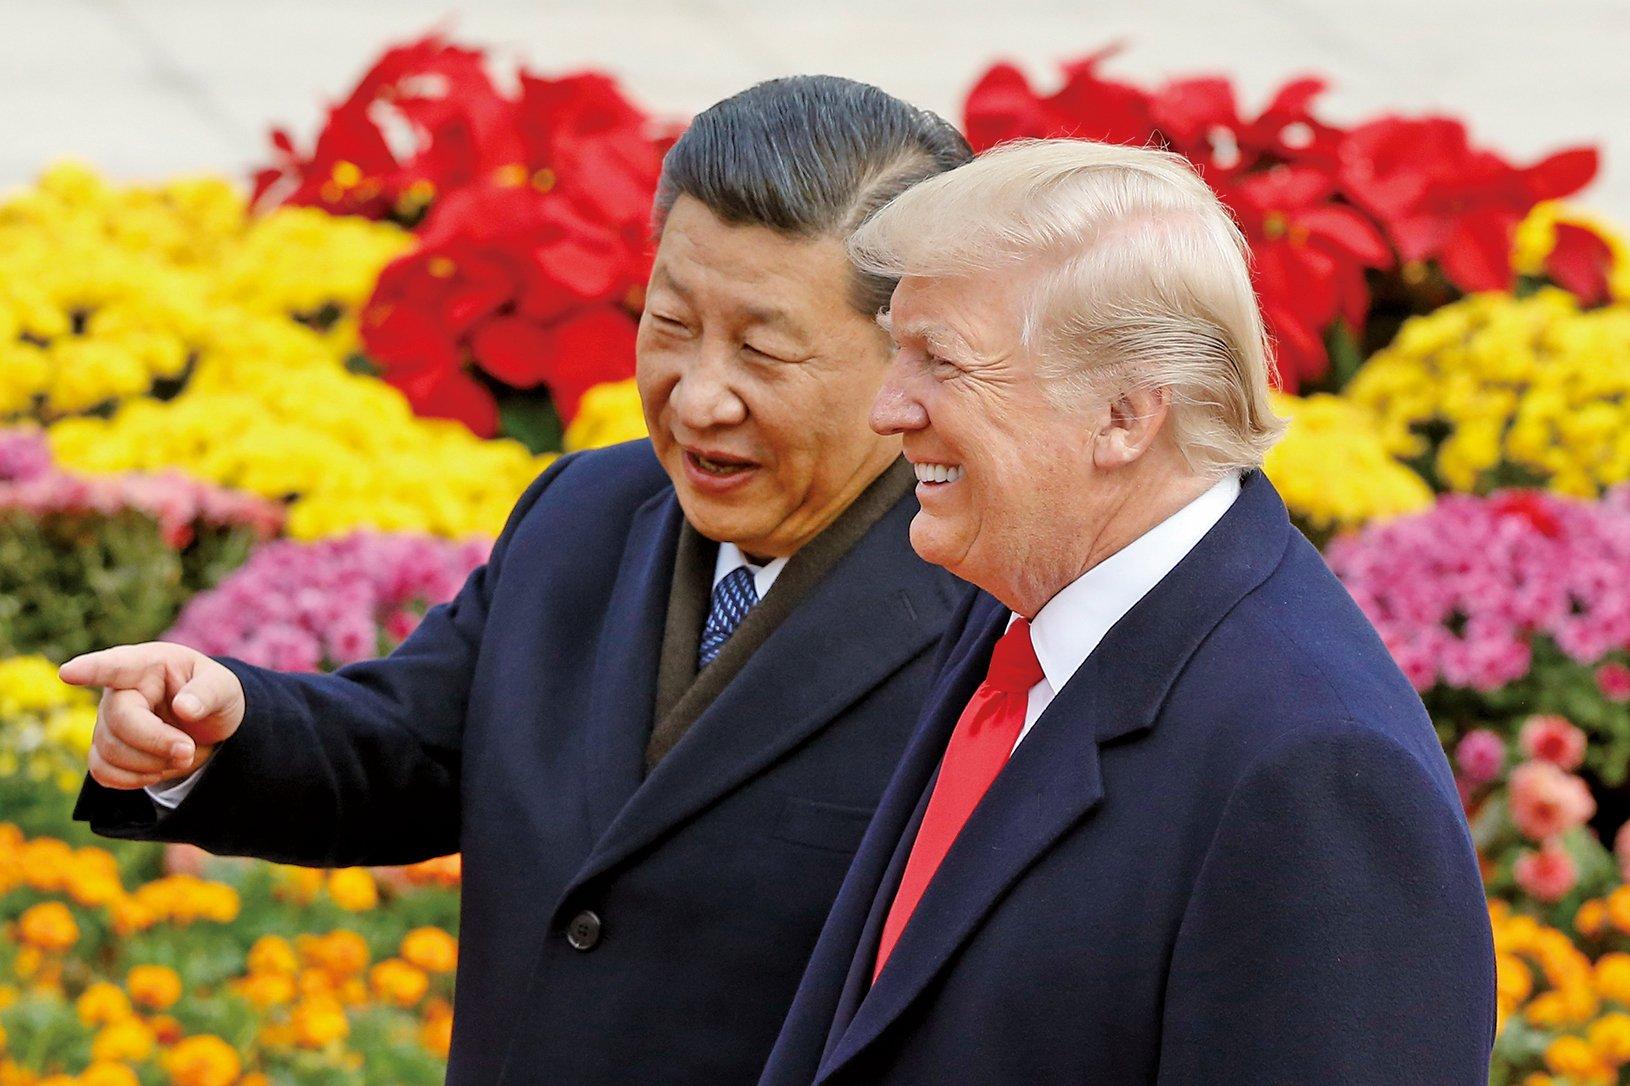 有消息指,習近平更想知道,美國總統特朗普是否是真的考慮對北韓採取軍事行動。(Getty Images)